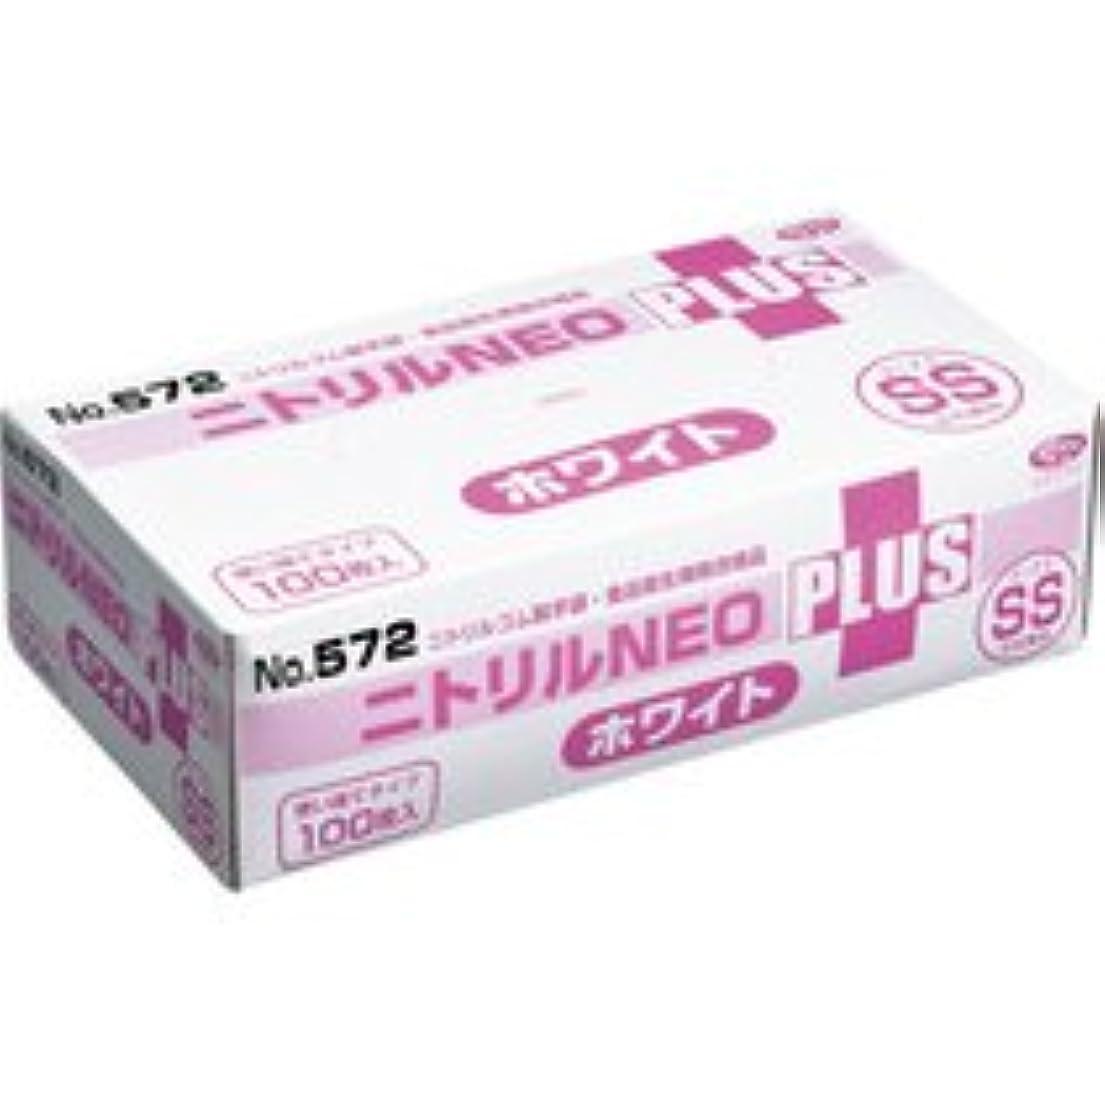 初期モルヒネ減少エブノ ニトリルNEOプラス パウダーイン ホワイト SS NO-572 1箱(100枚)